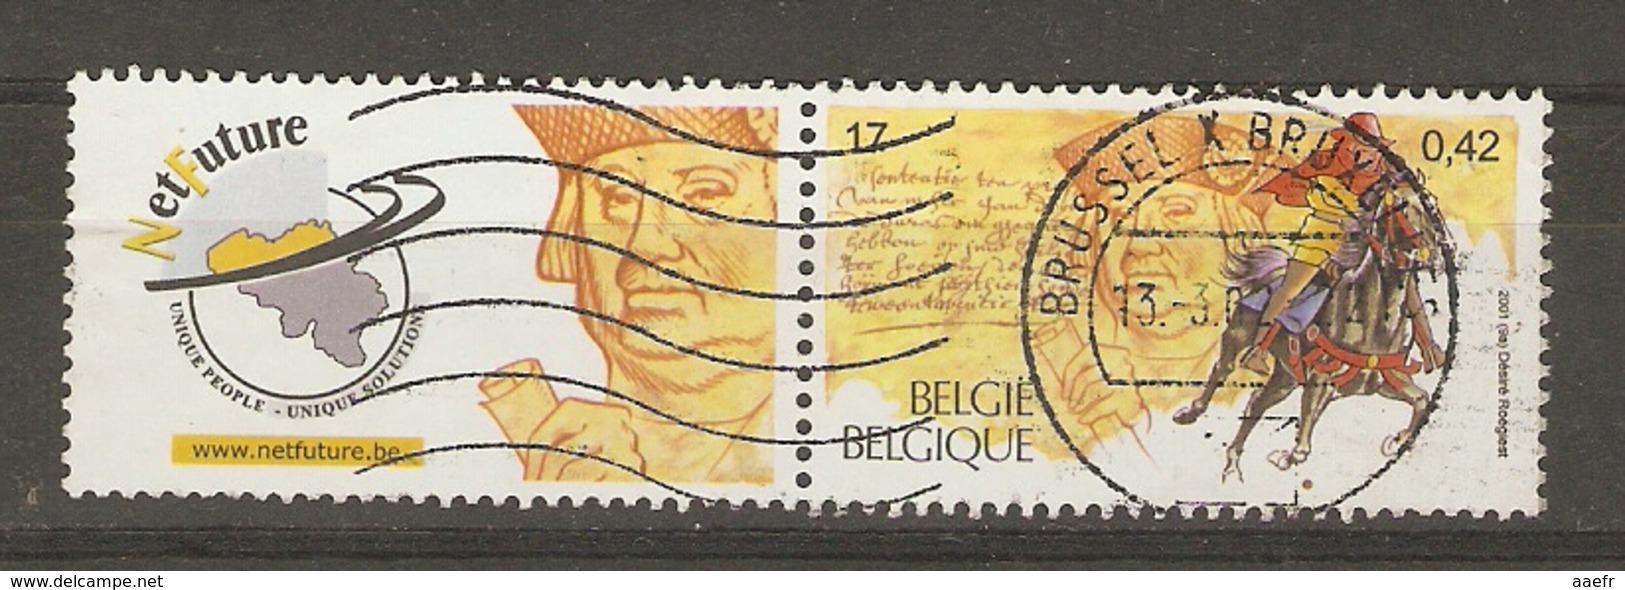 Belgique 2001 - Cob 2996 Avec Vignette Net Future - Belgium